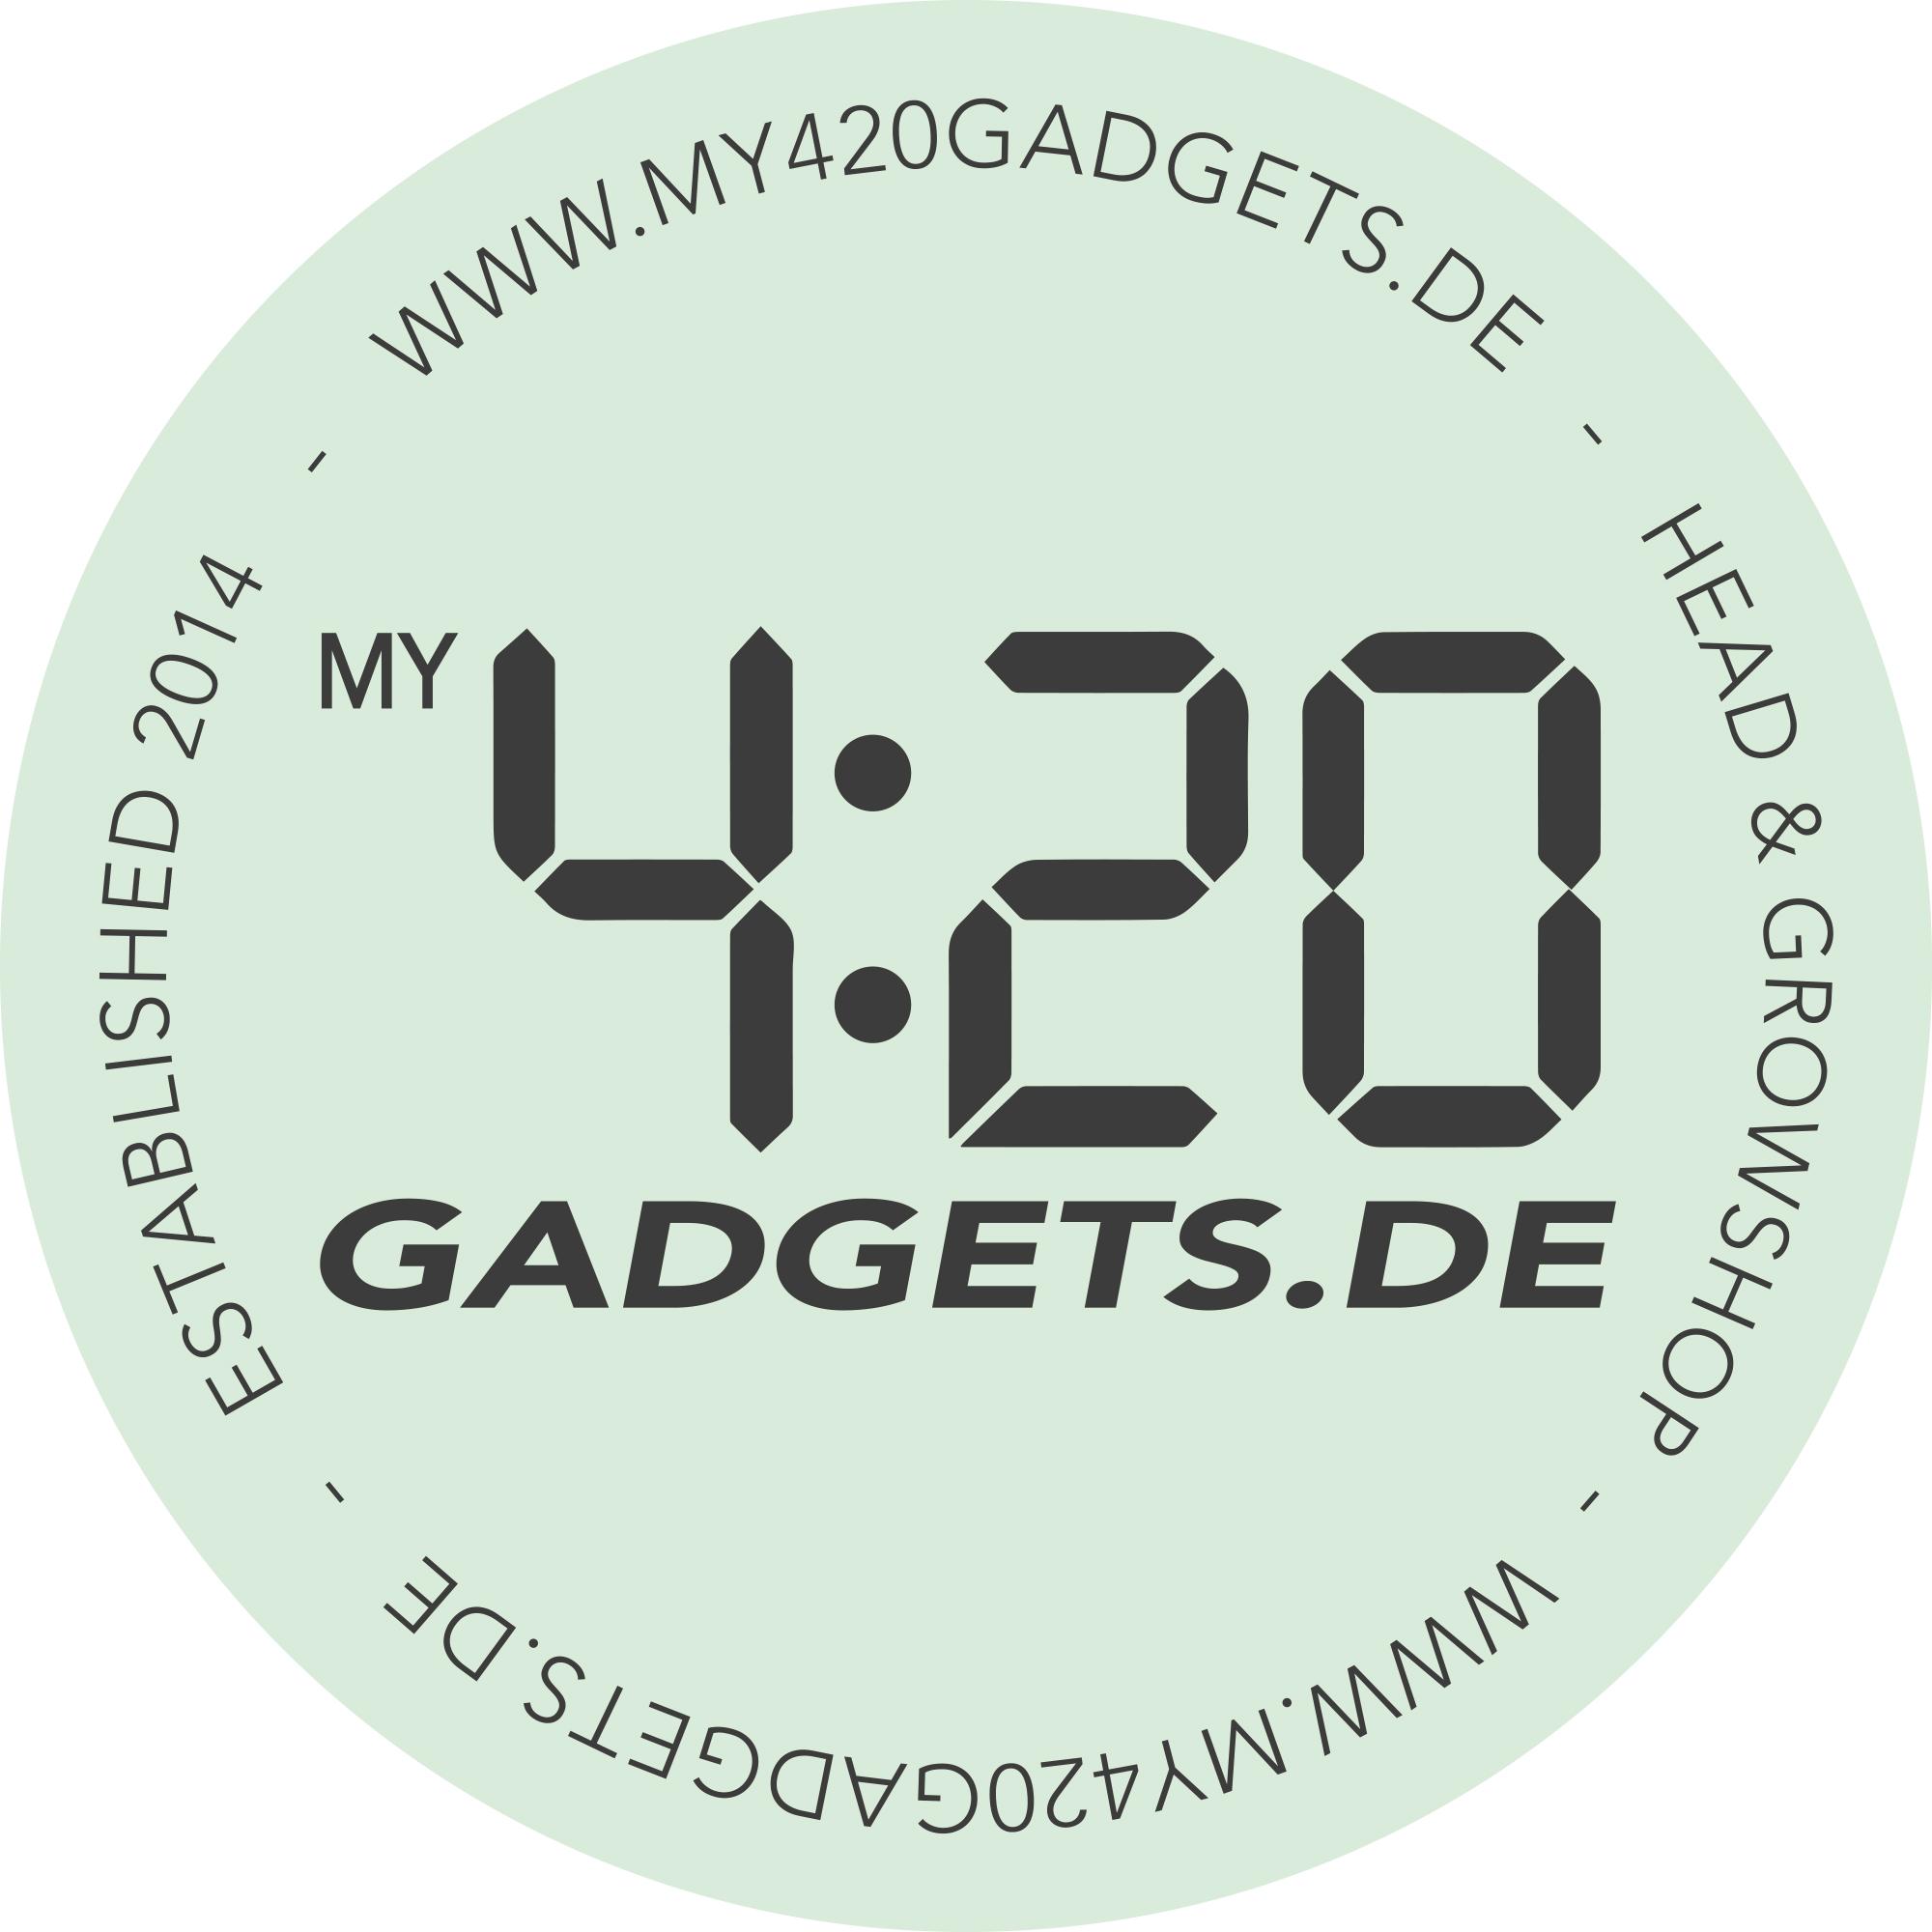 4.20 gadgets.de